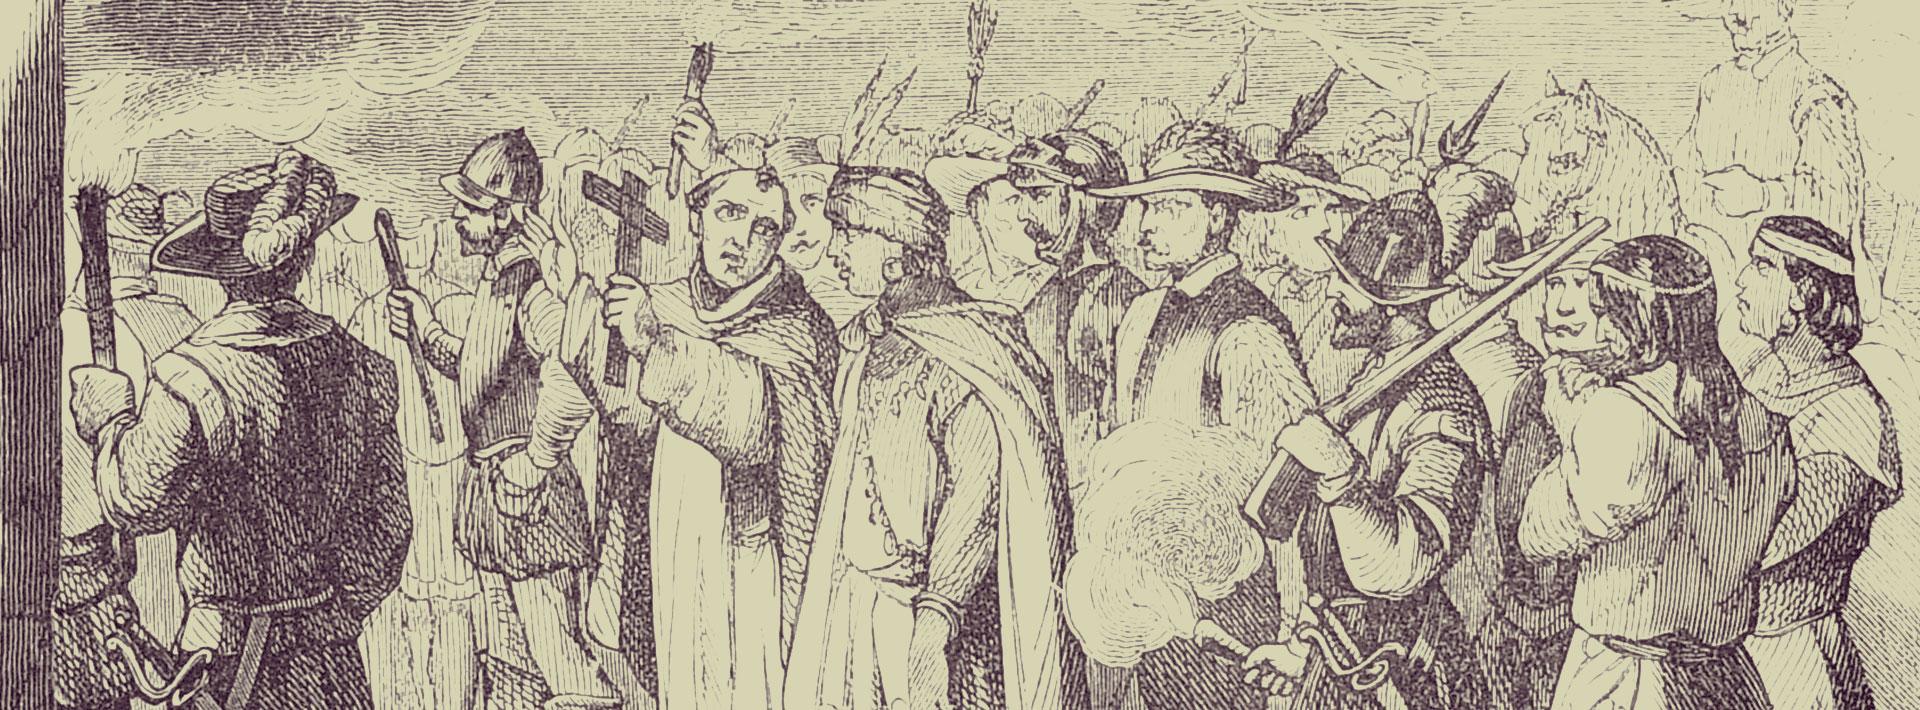 La conquista de amerindia como acto idolátrico desde la filosofía de Enrique Dussel